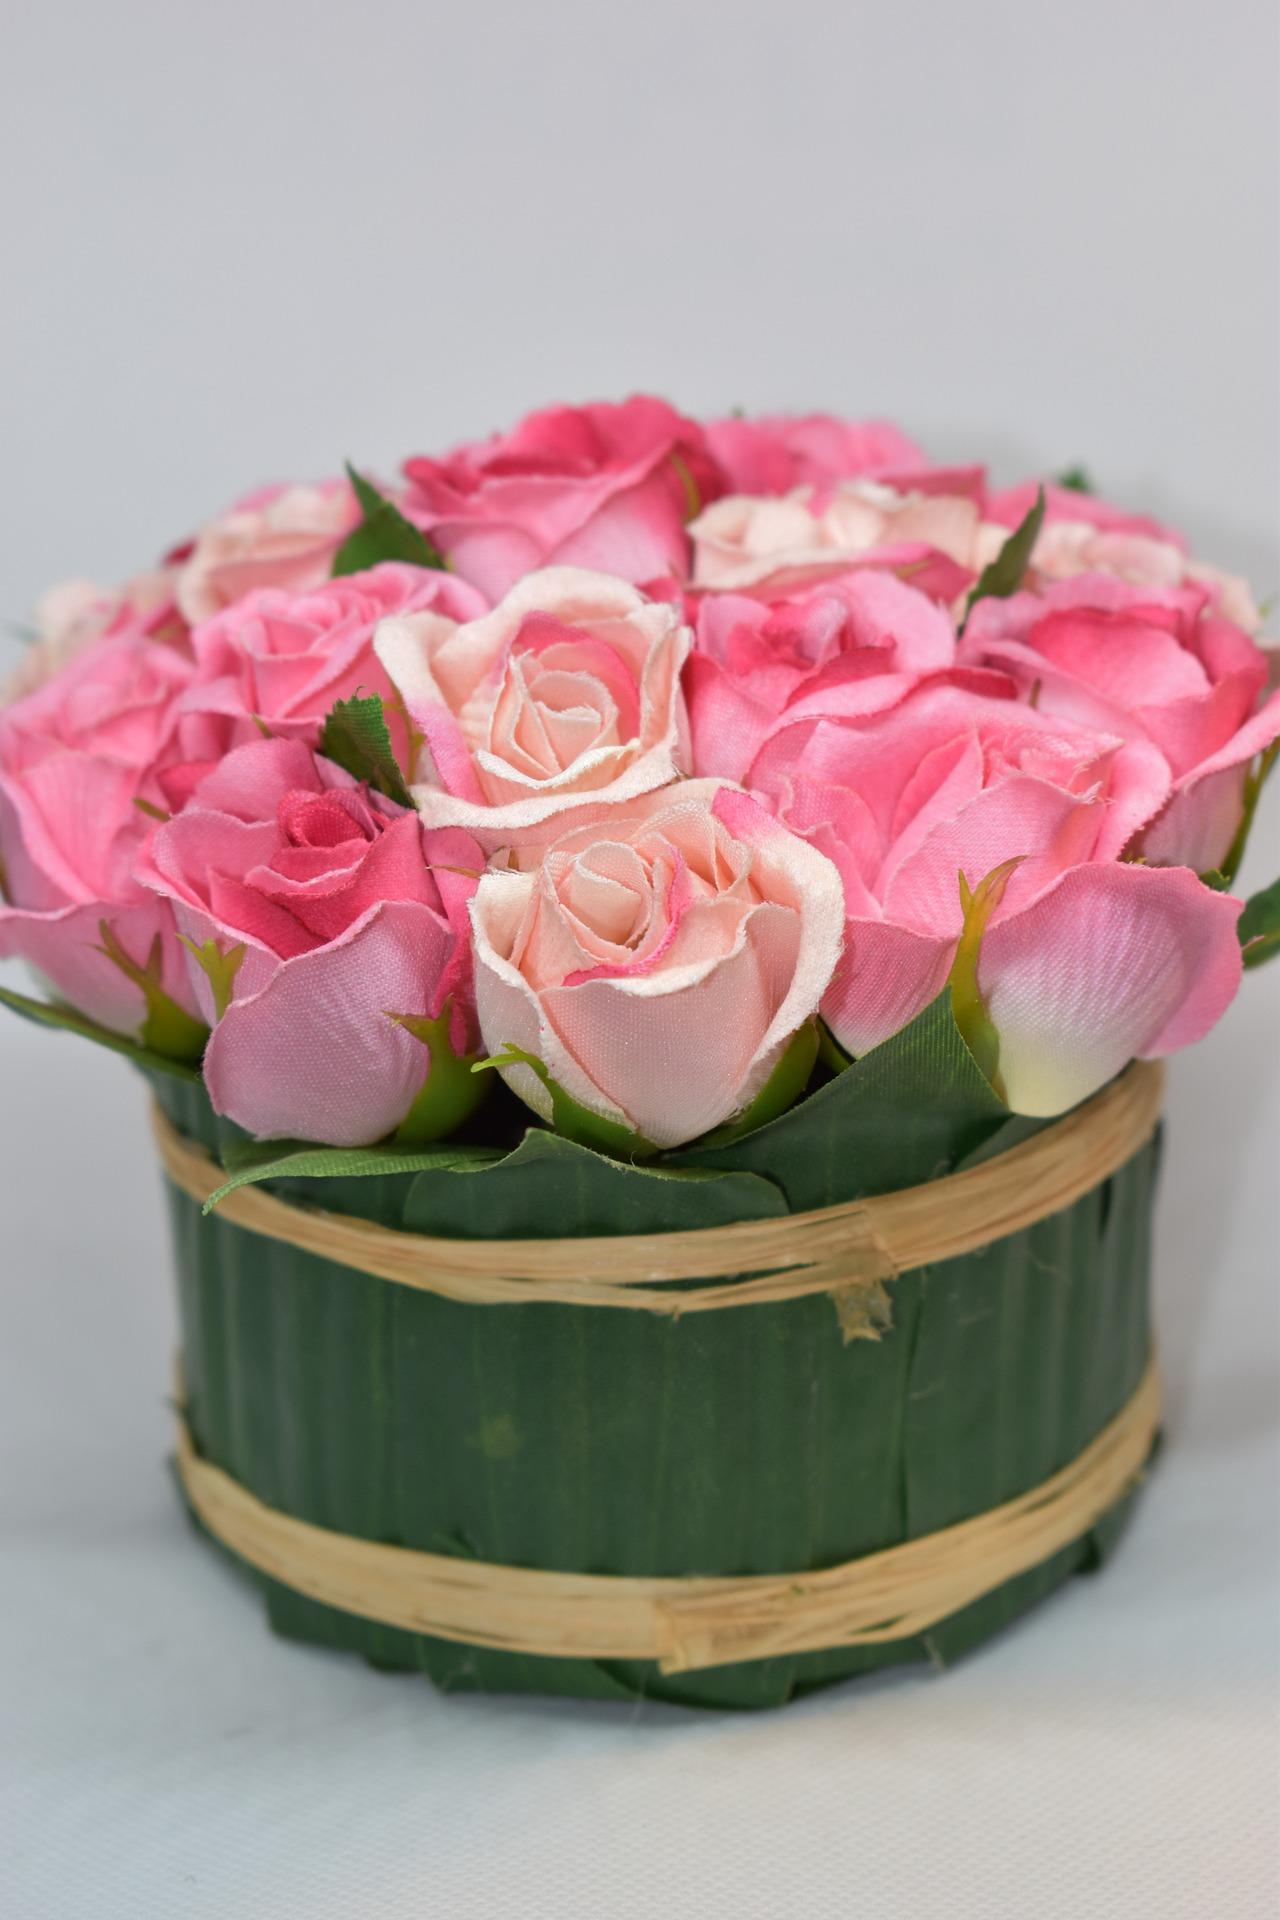 Sztuczne kwiaty - skąd je brać i czy warto się nimi interesować?